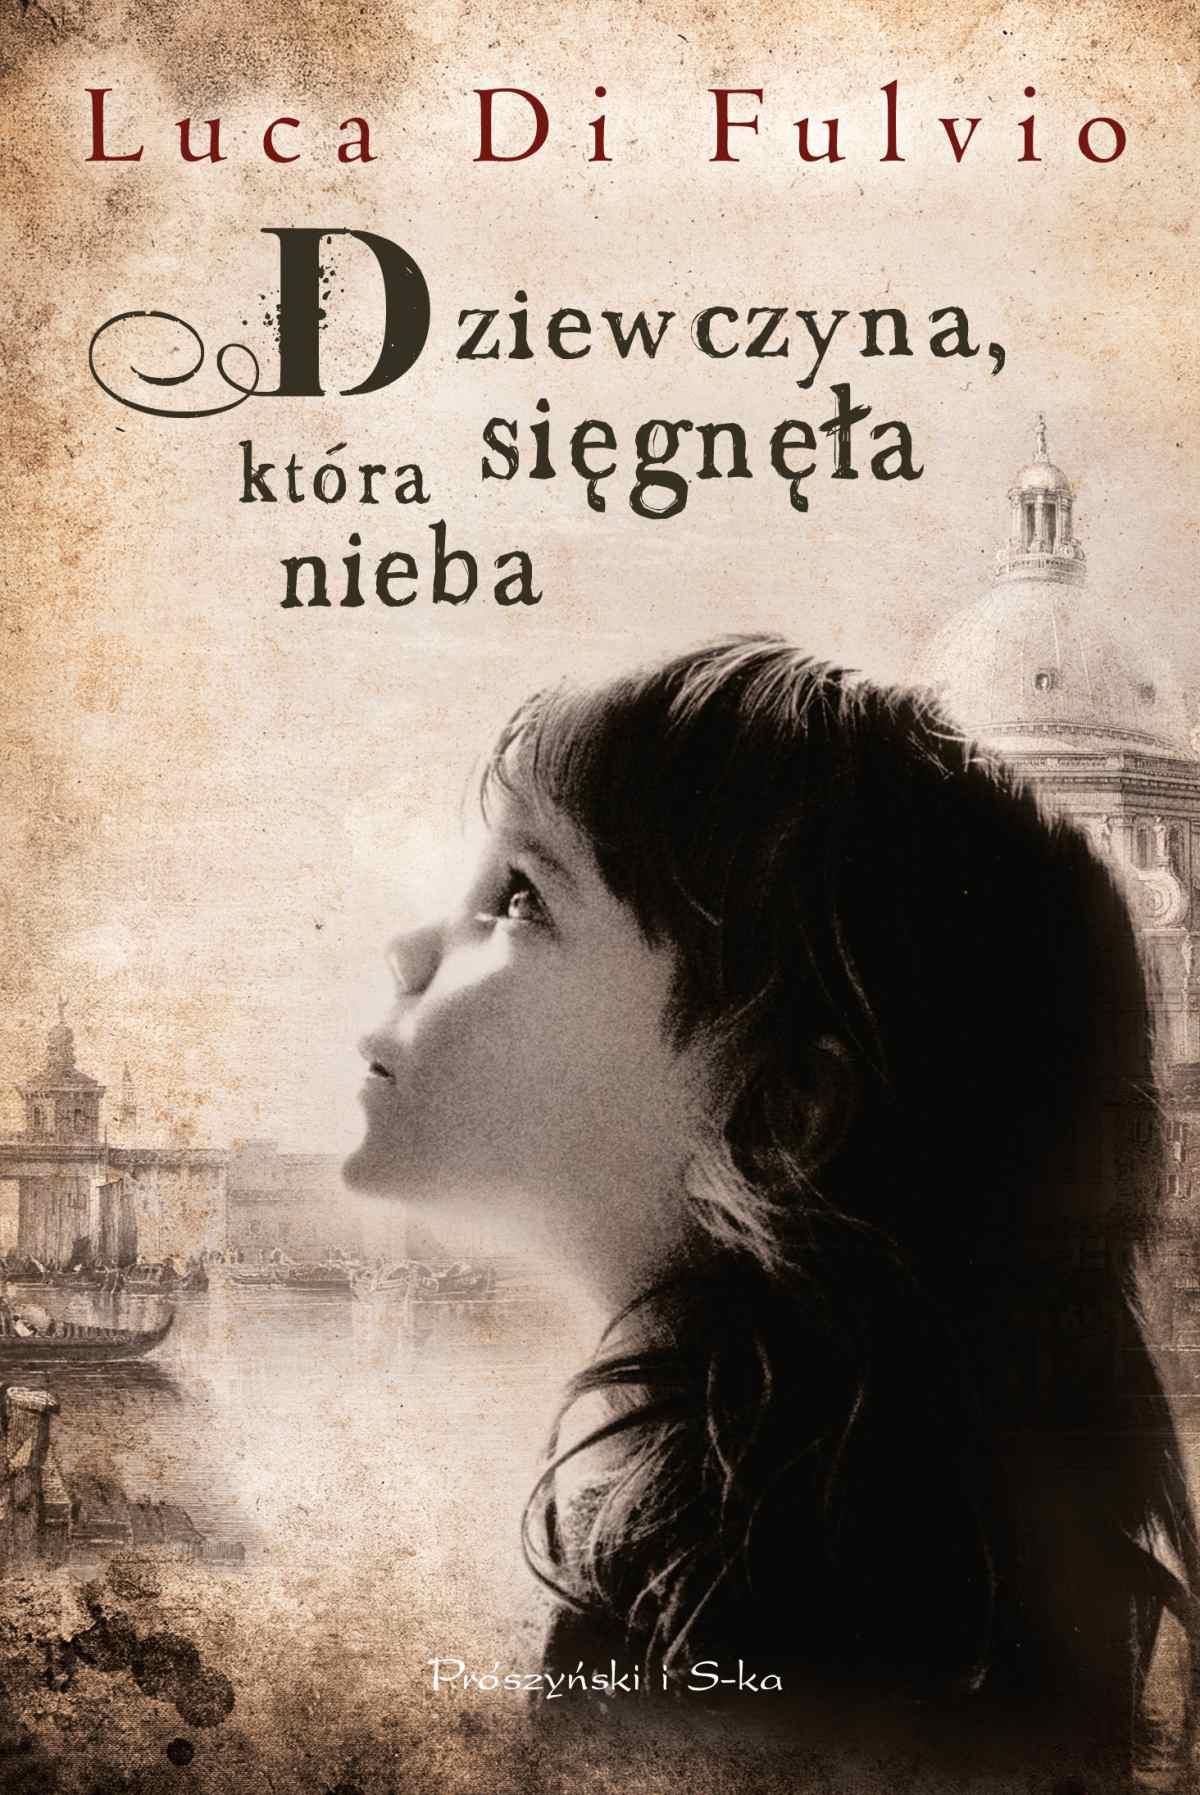 Dziewczyna,która sięgnęła nieba - Ebook (Książka na Kindle) do pobrania w formacie MOBI